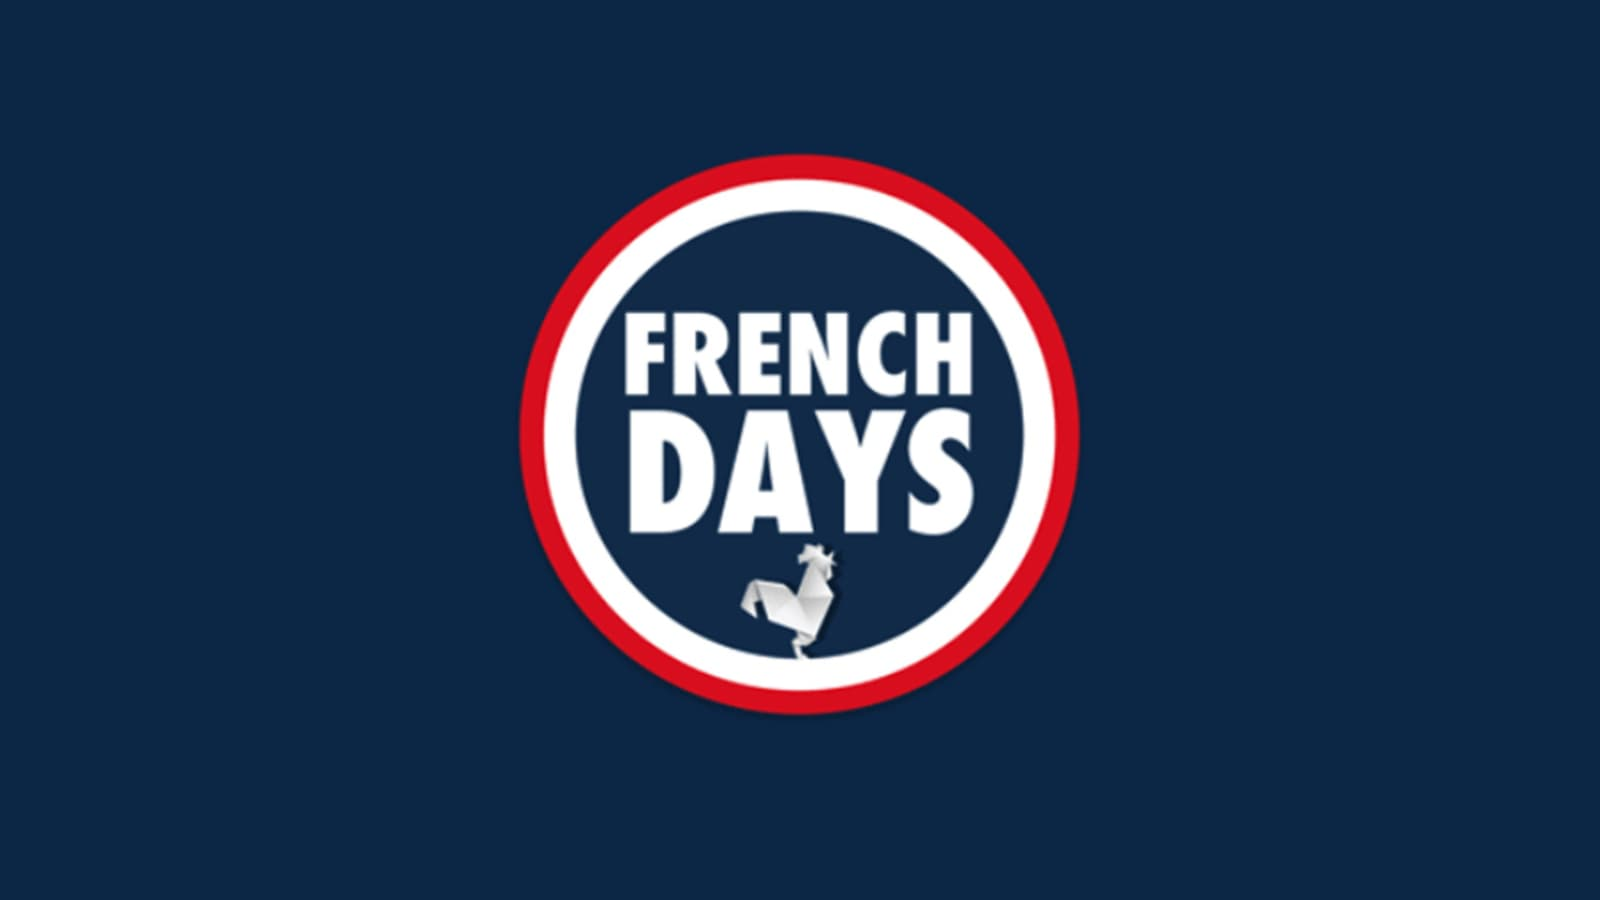 Les French Days sont de retour chez SFR !